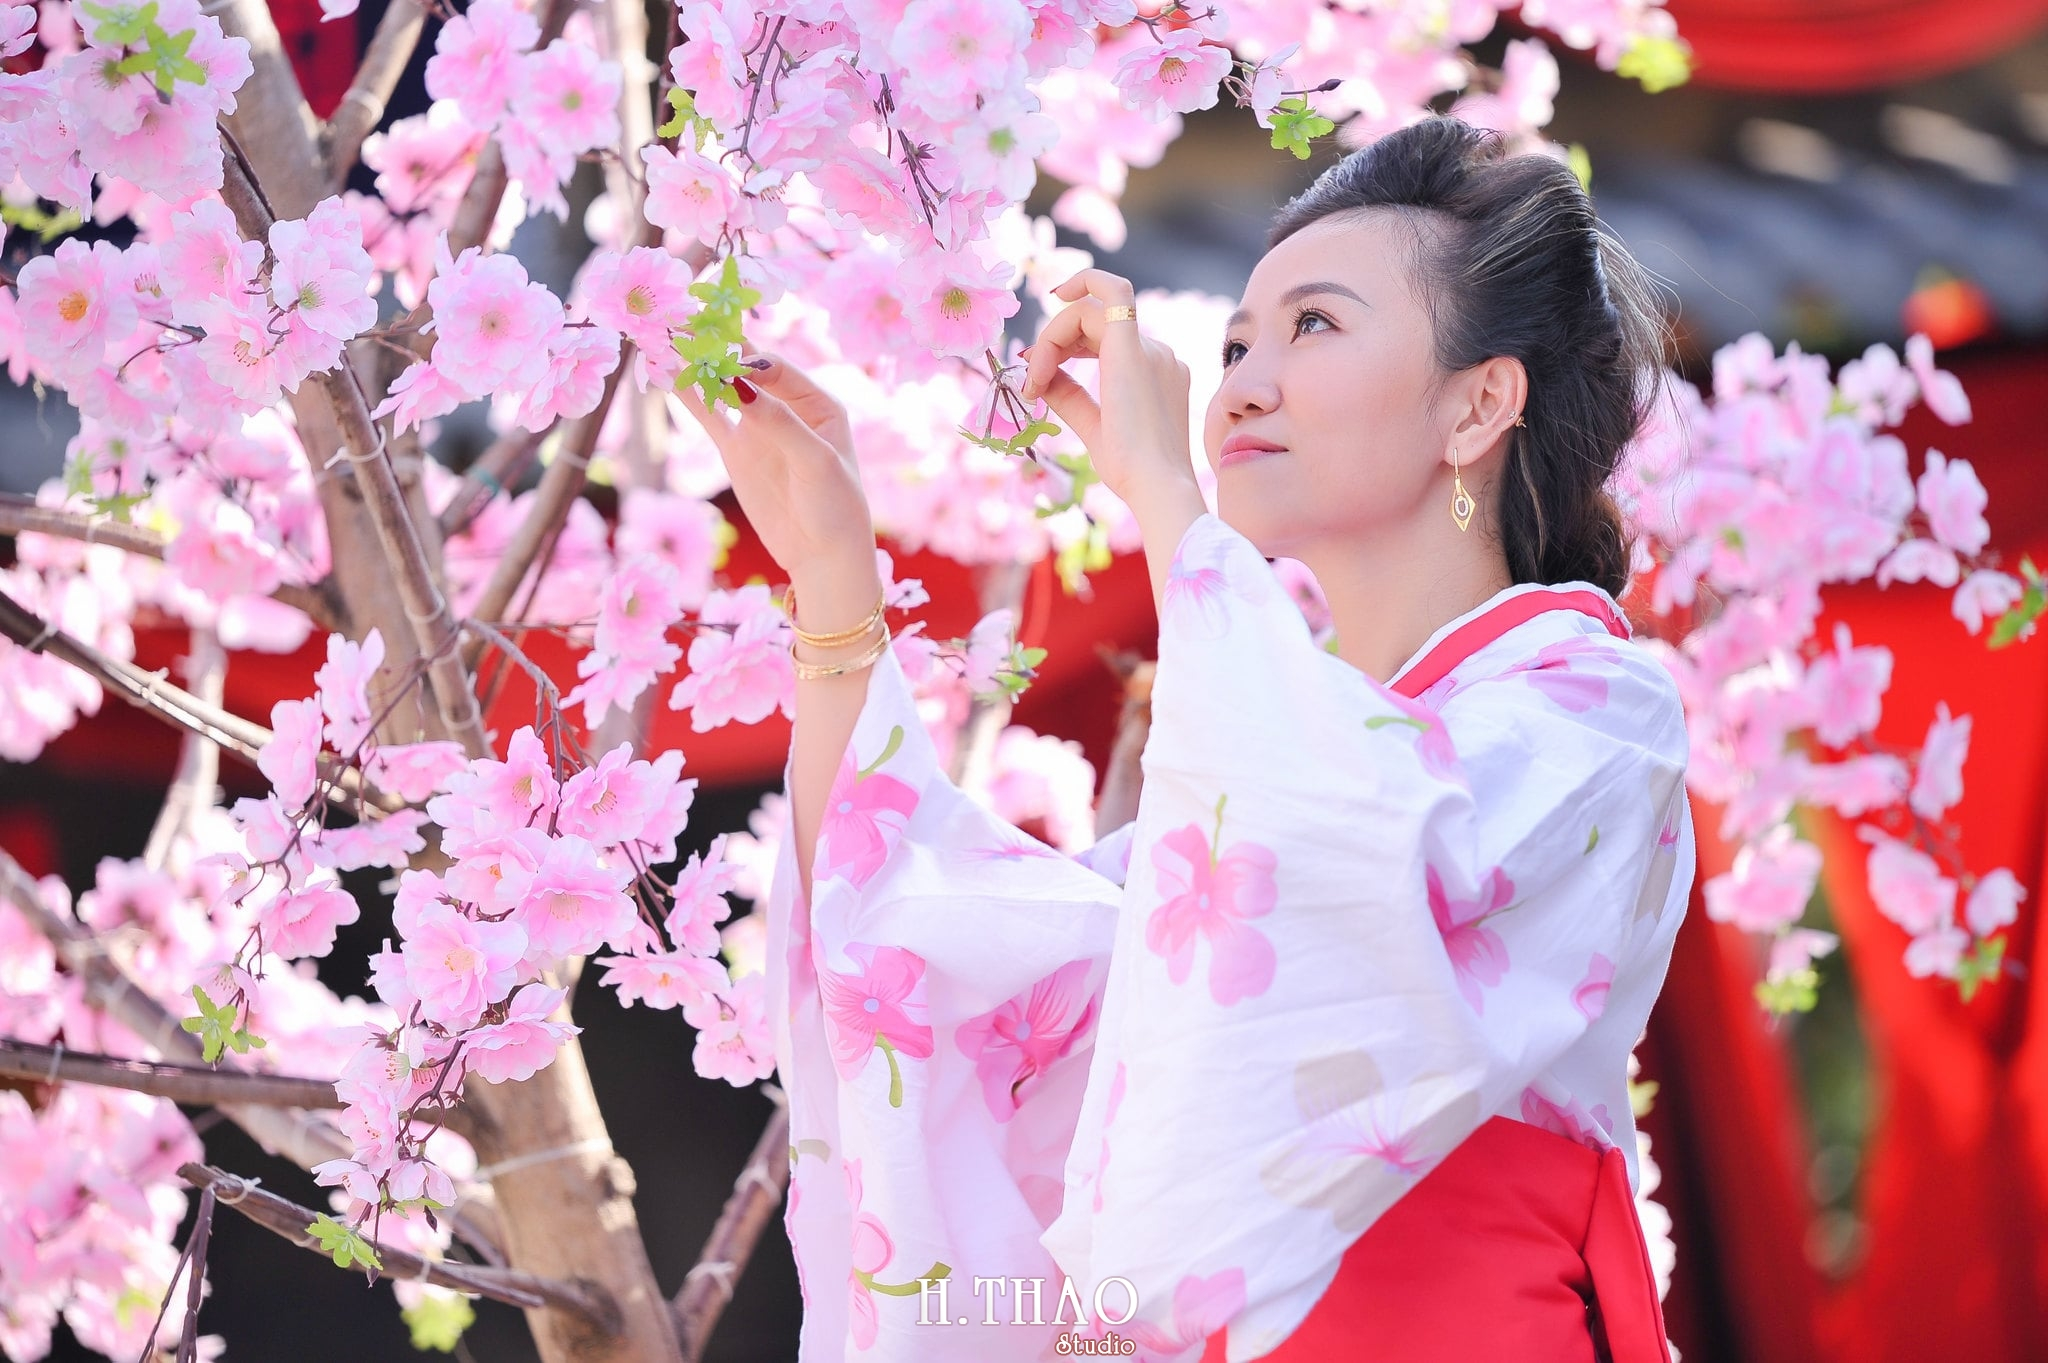 chùm ảnh chụp với kimono